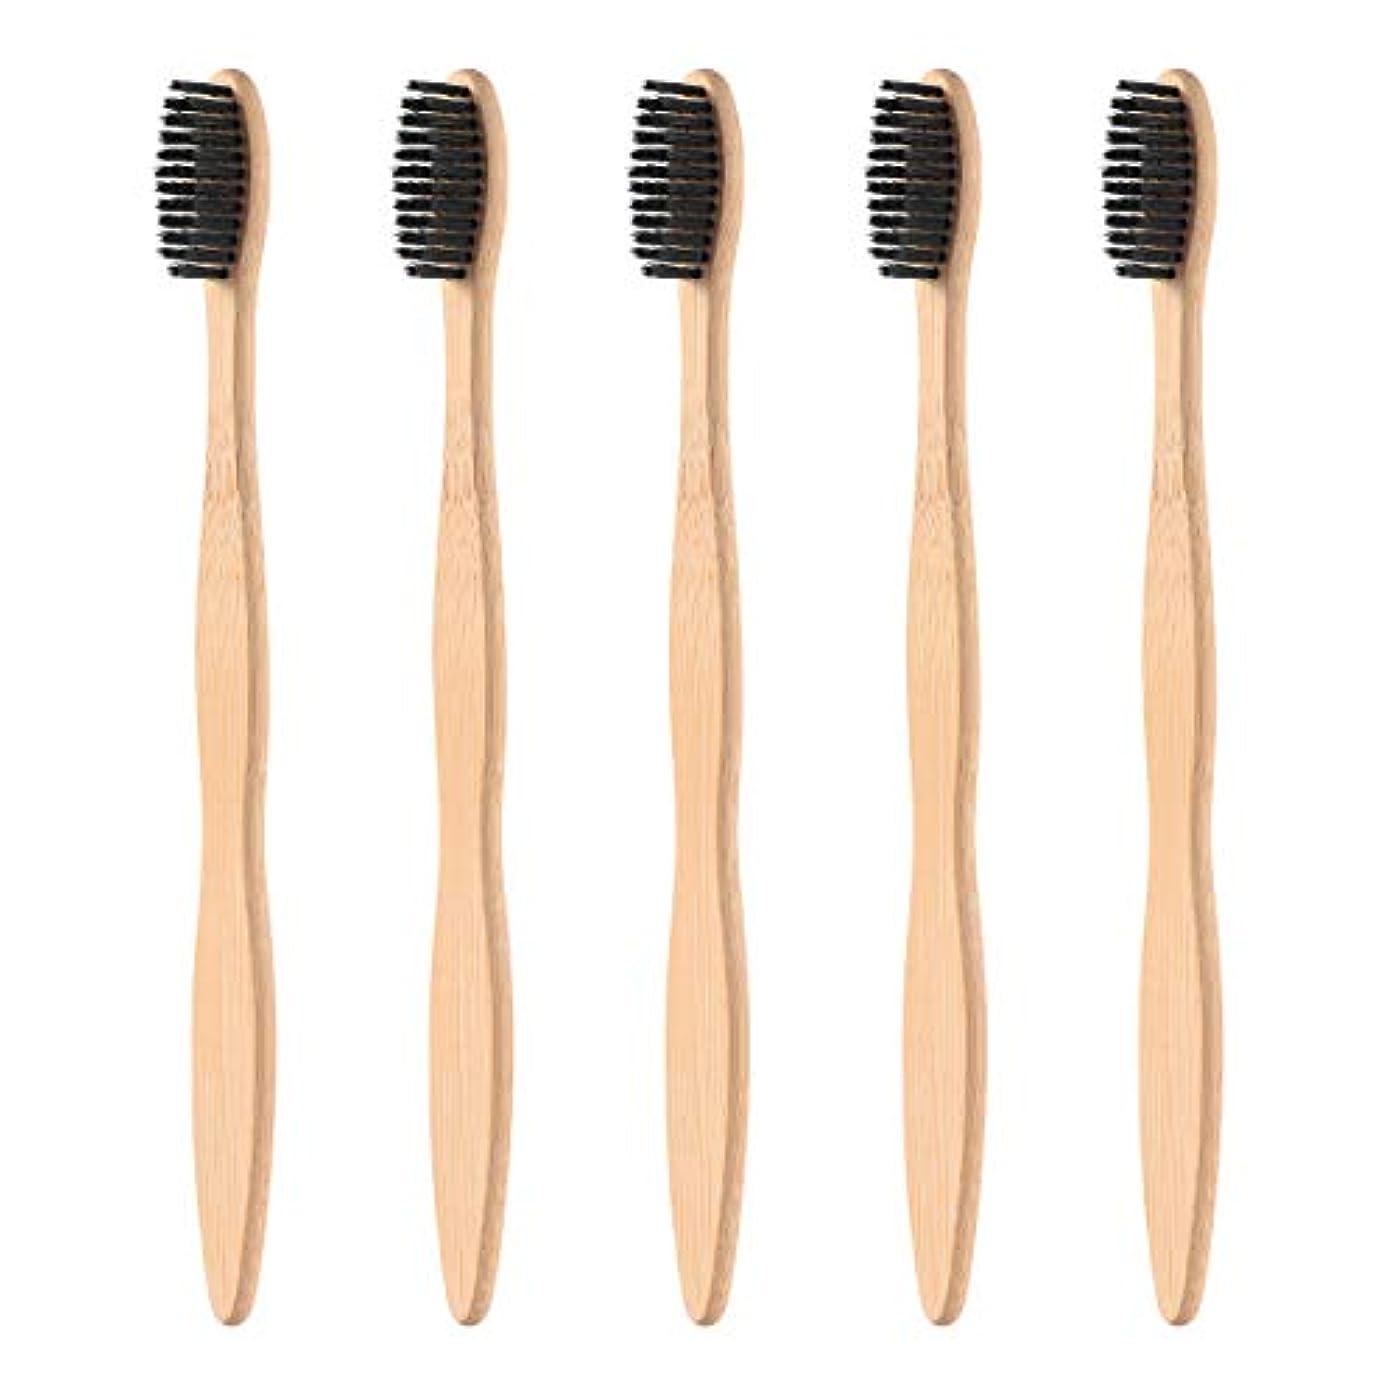 文法通知する滑りやすいHealifty 柔らかい黒い剛毛が付いている5pcsタケハンドルの歯ブラシの自然な木のEcoの友好的な歯ブラシ